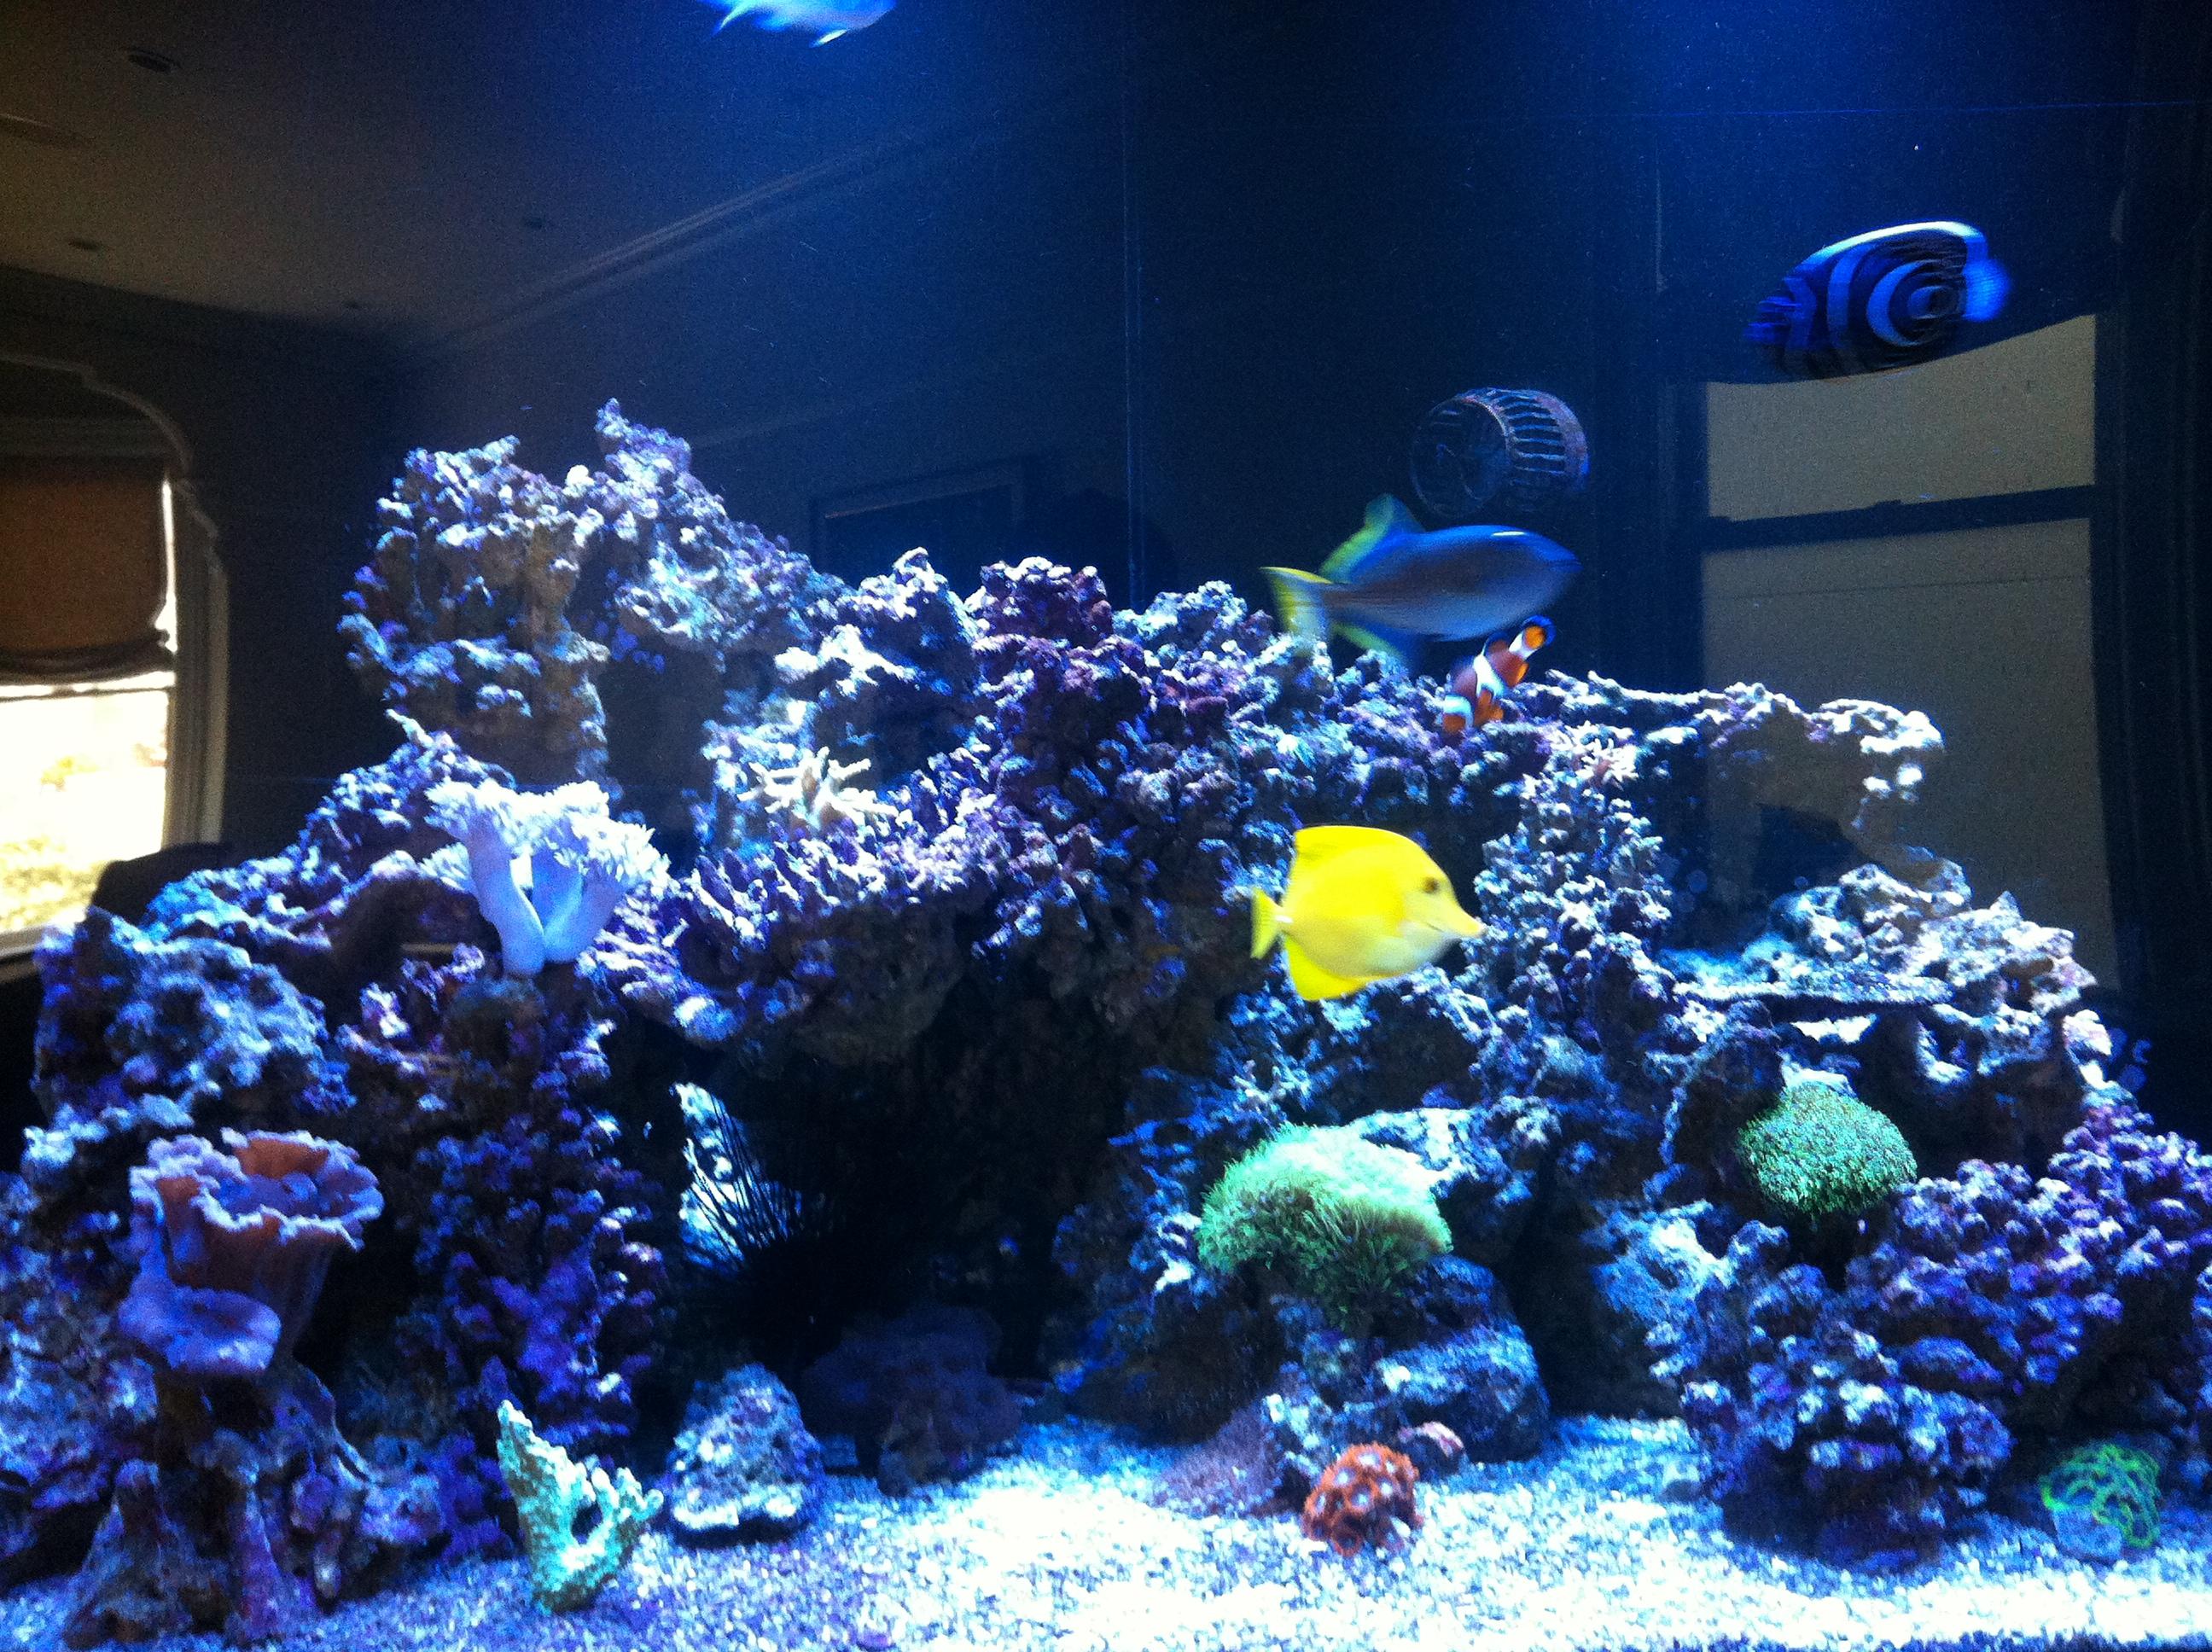 Custom Fish Tanks & Aquascaping | Bay Area Aquarium